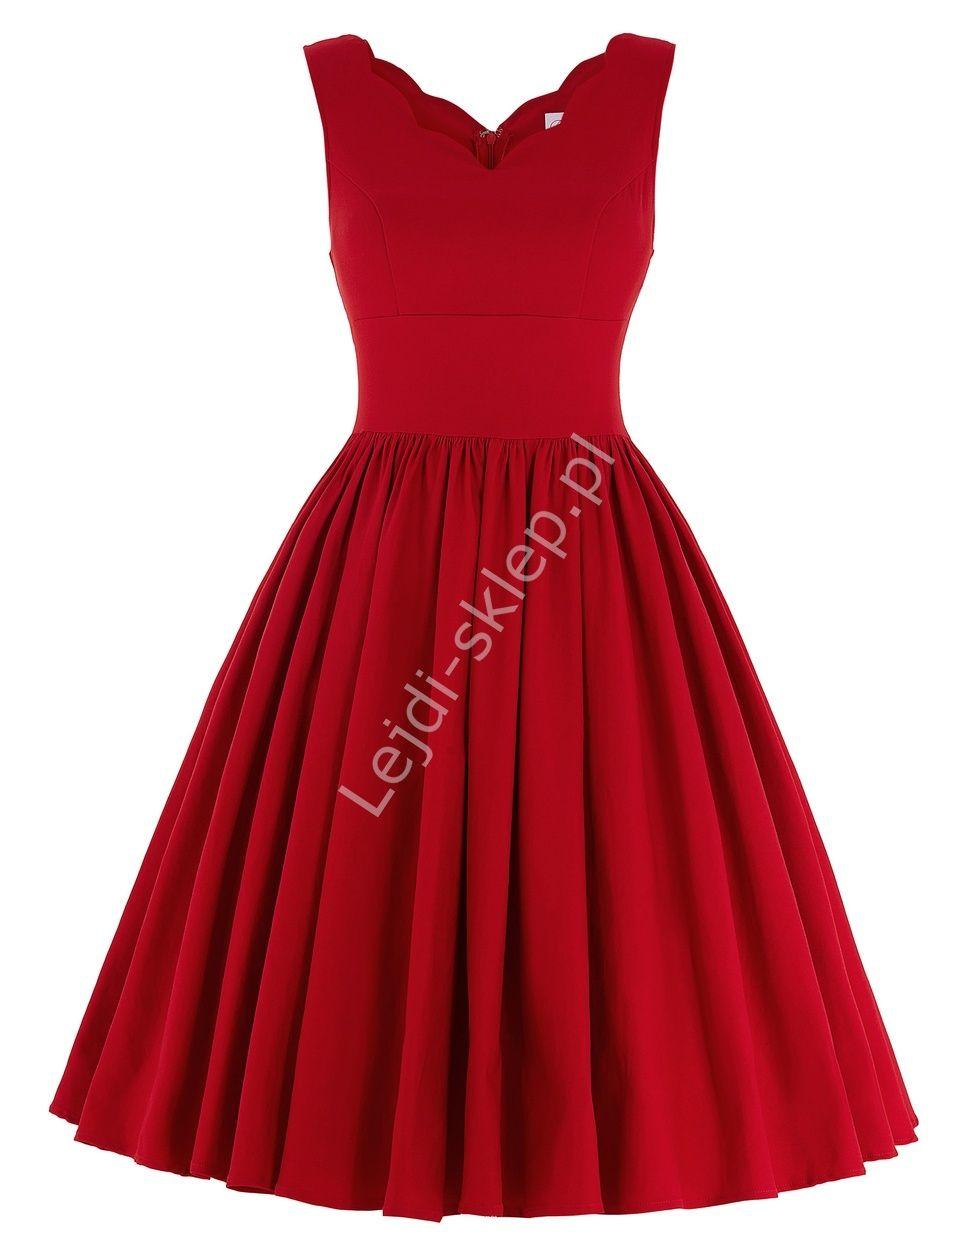 Czerwona Rozkloszowana Sukienka Z Falistym Wykonczeniem Dekoltu Sukienka Lata 60 Te 70 Te 80 Te Dresses Formal Dresses Outfits